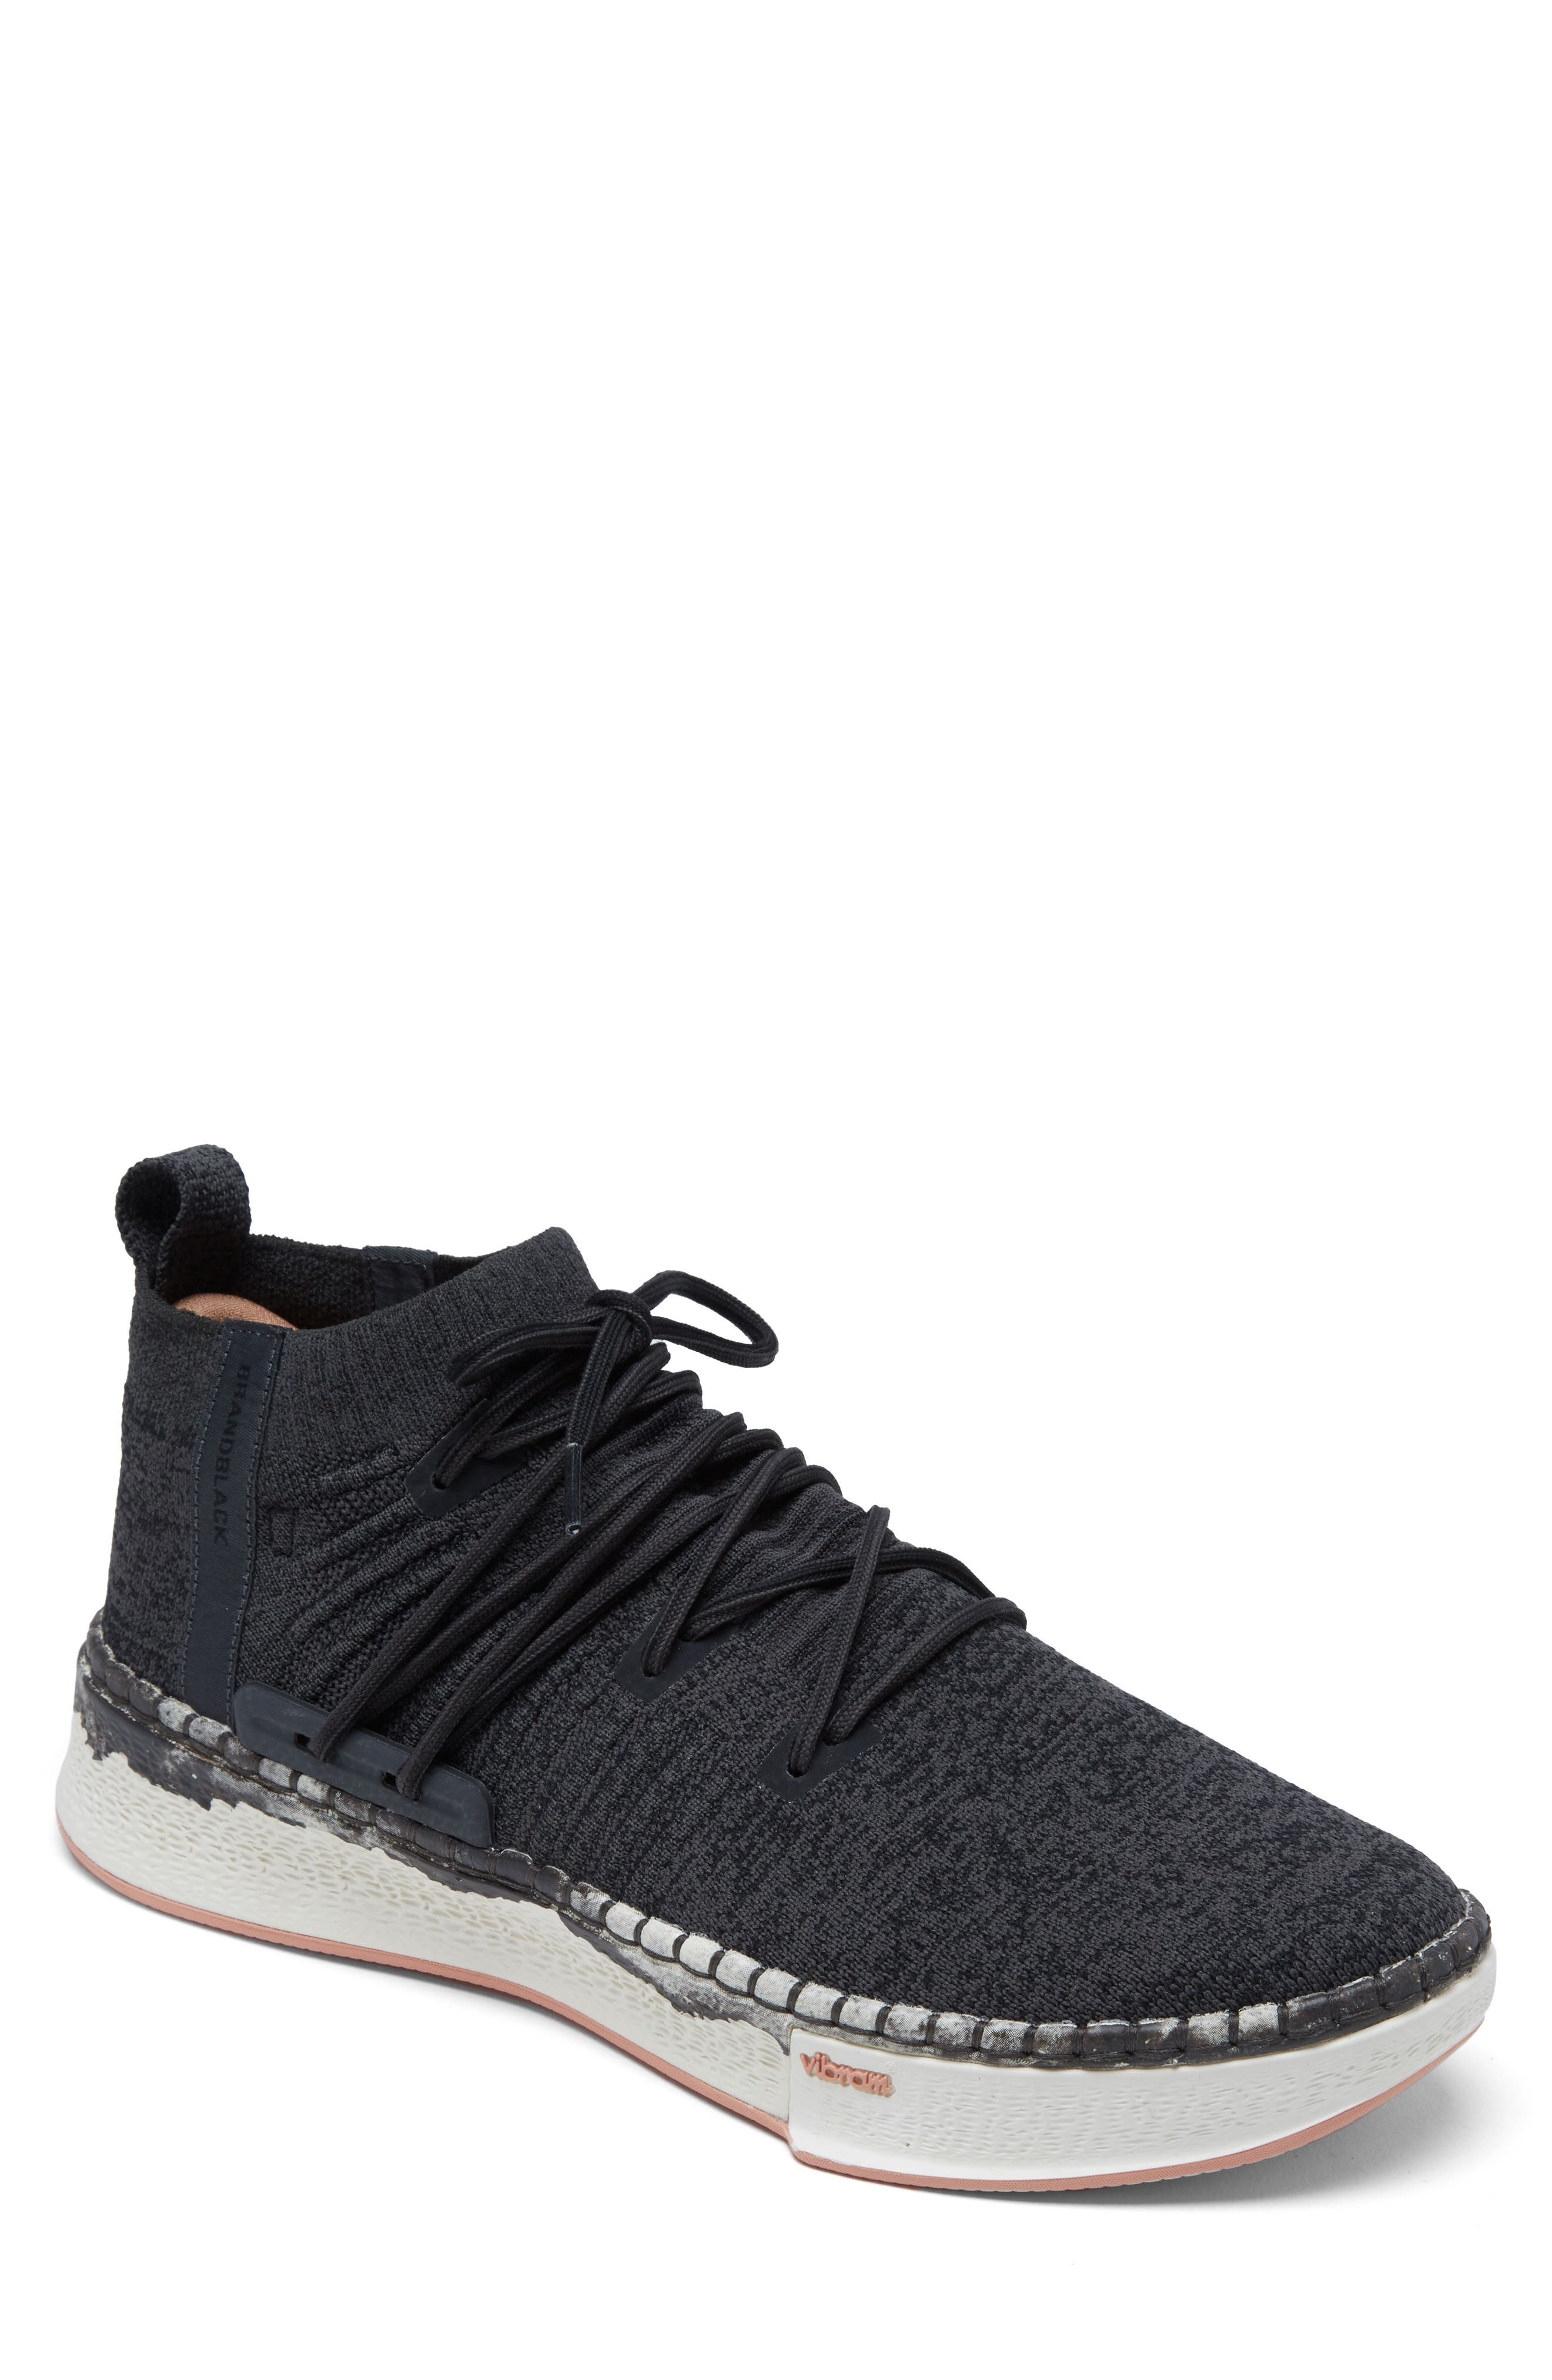 Delta Shibori Sneaker,                             Main thumbnail 1, color,                             Black